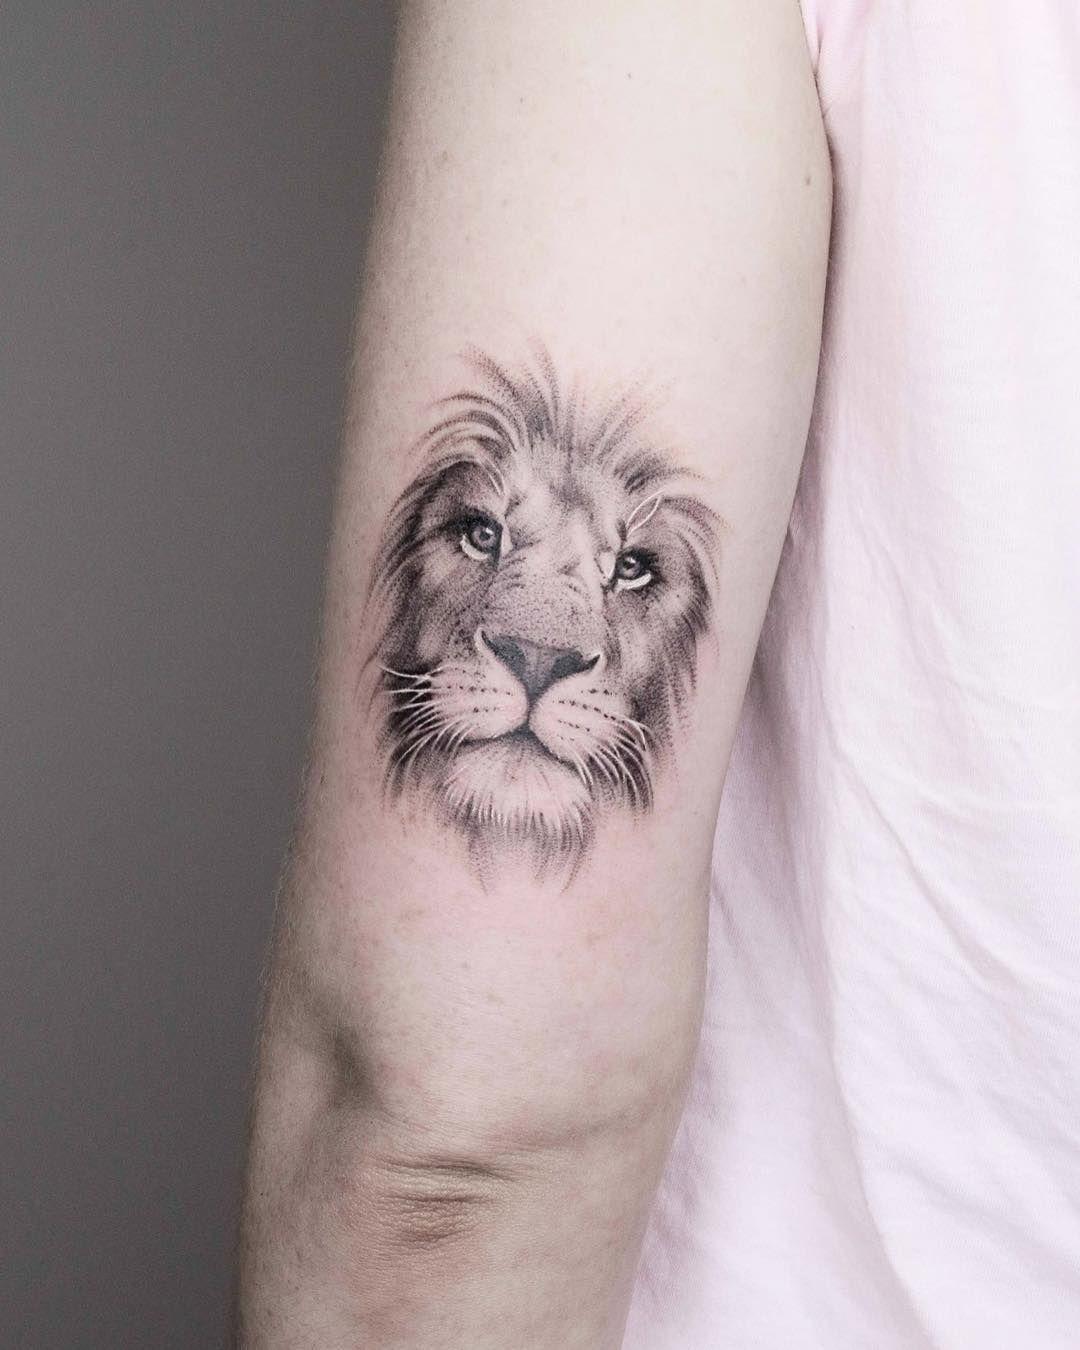 Small Lion Tattoo Upper Arm In 2020 Lion Tattoo Lion Head Tattoos Lioness Tattoo